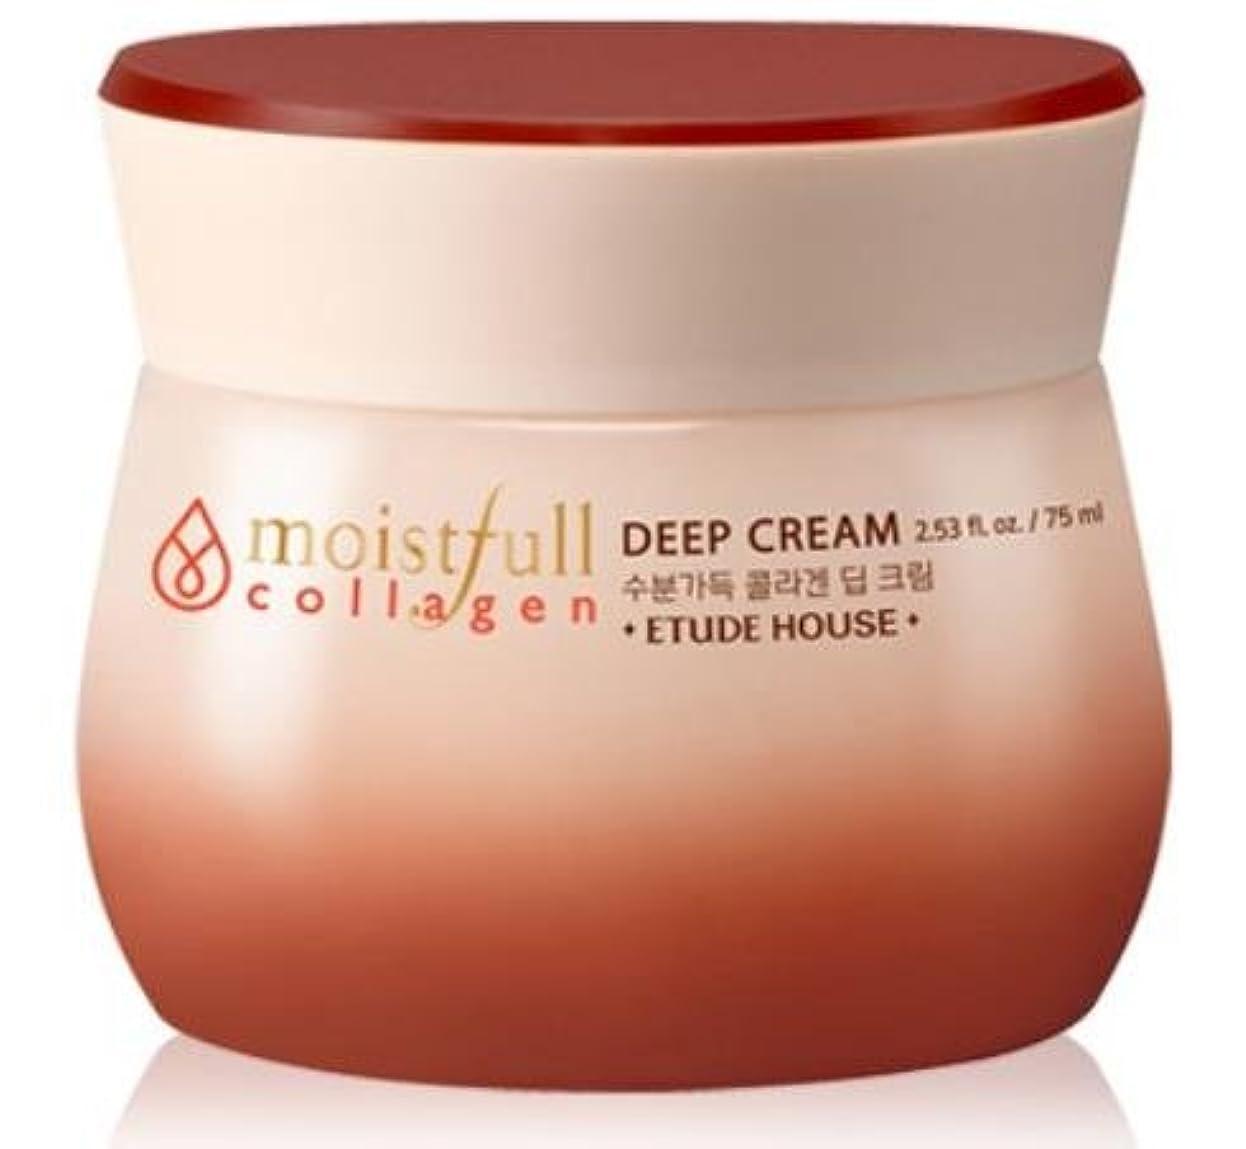 [エチュードハウス] ETUDE HOUSE [モイストフルコラーゲ 深いクリーム] (Moistfull Collagen Deep Cream) [並行輸入品]